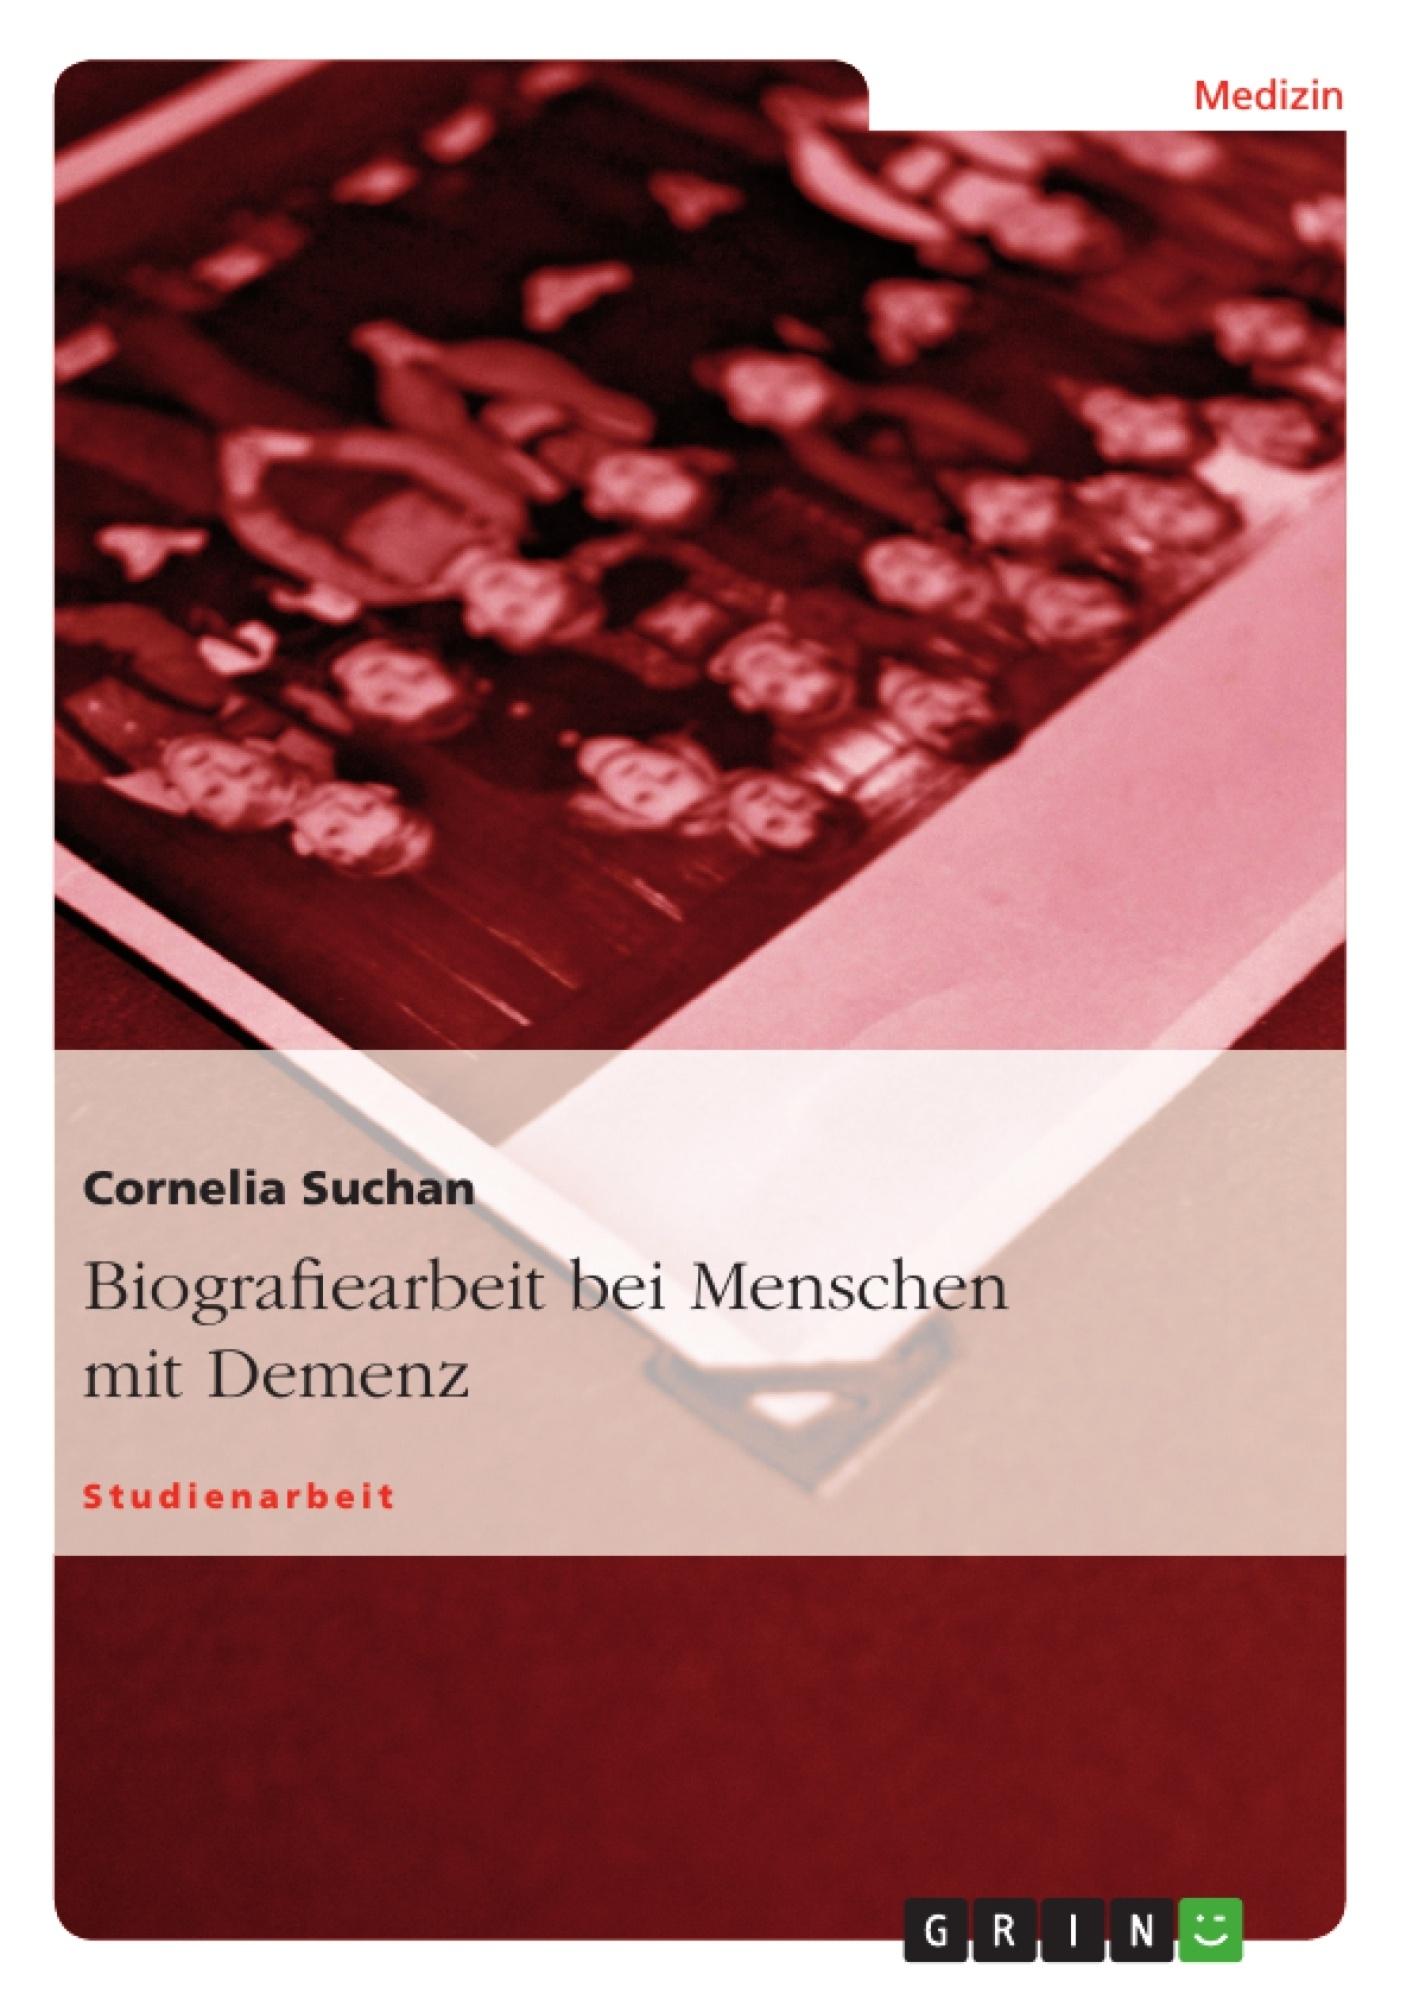 Titel: Biografiearbeit bei Menschen mit Demenz